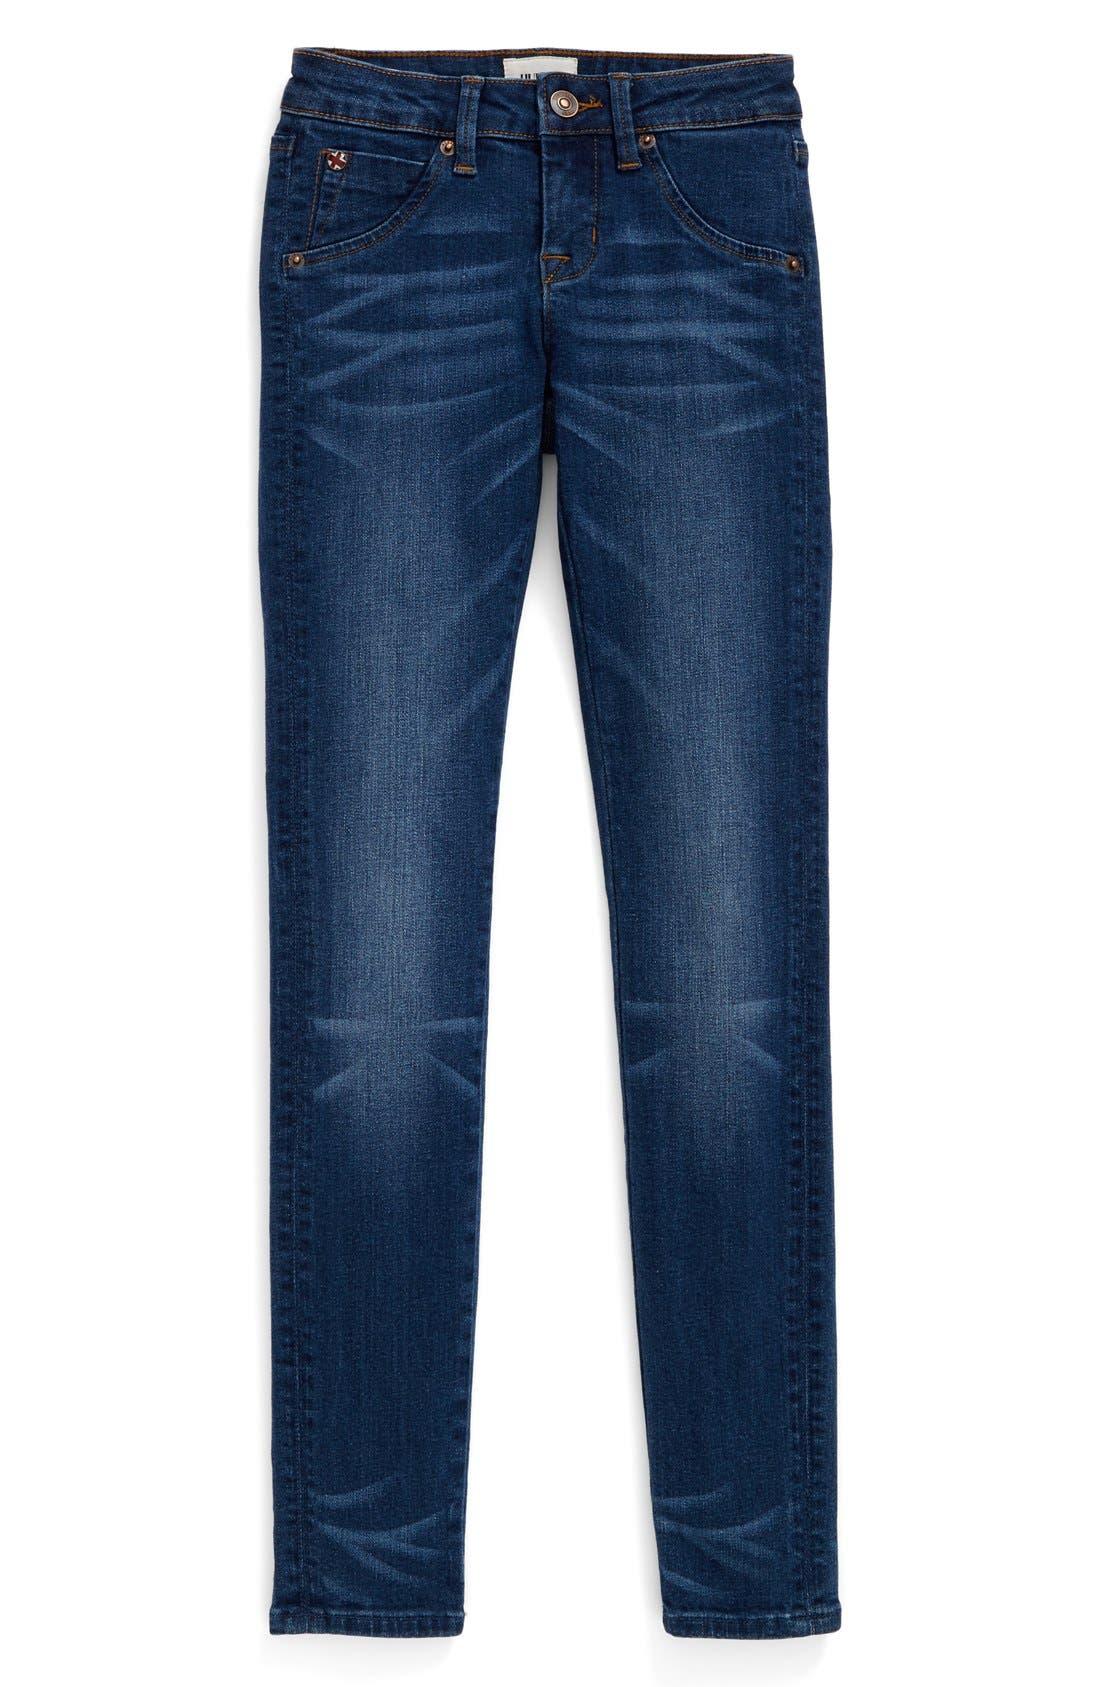 HUDSON KIDS Collin Skinny Jeans